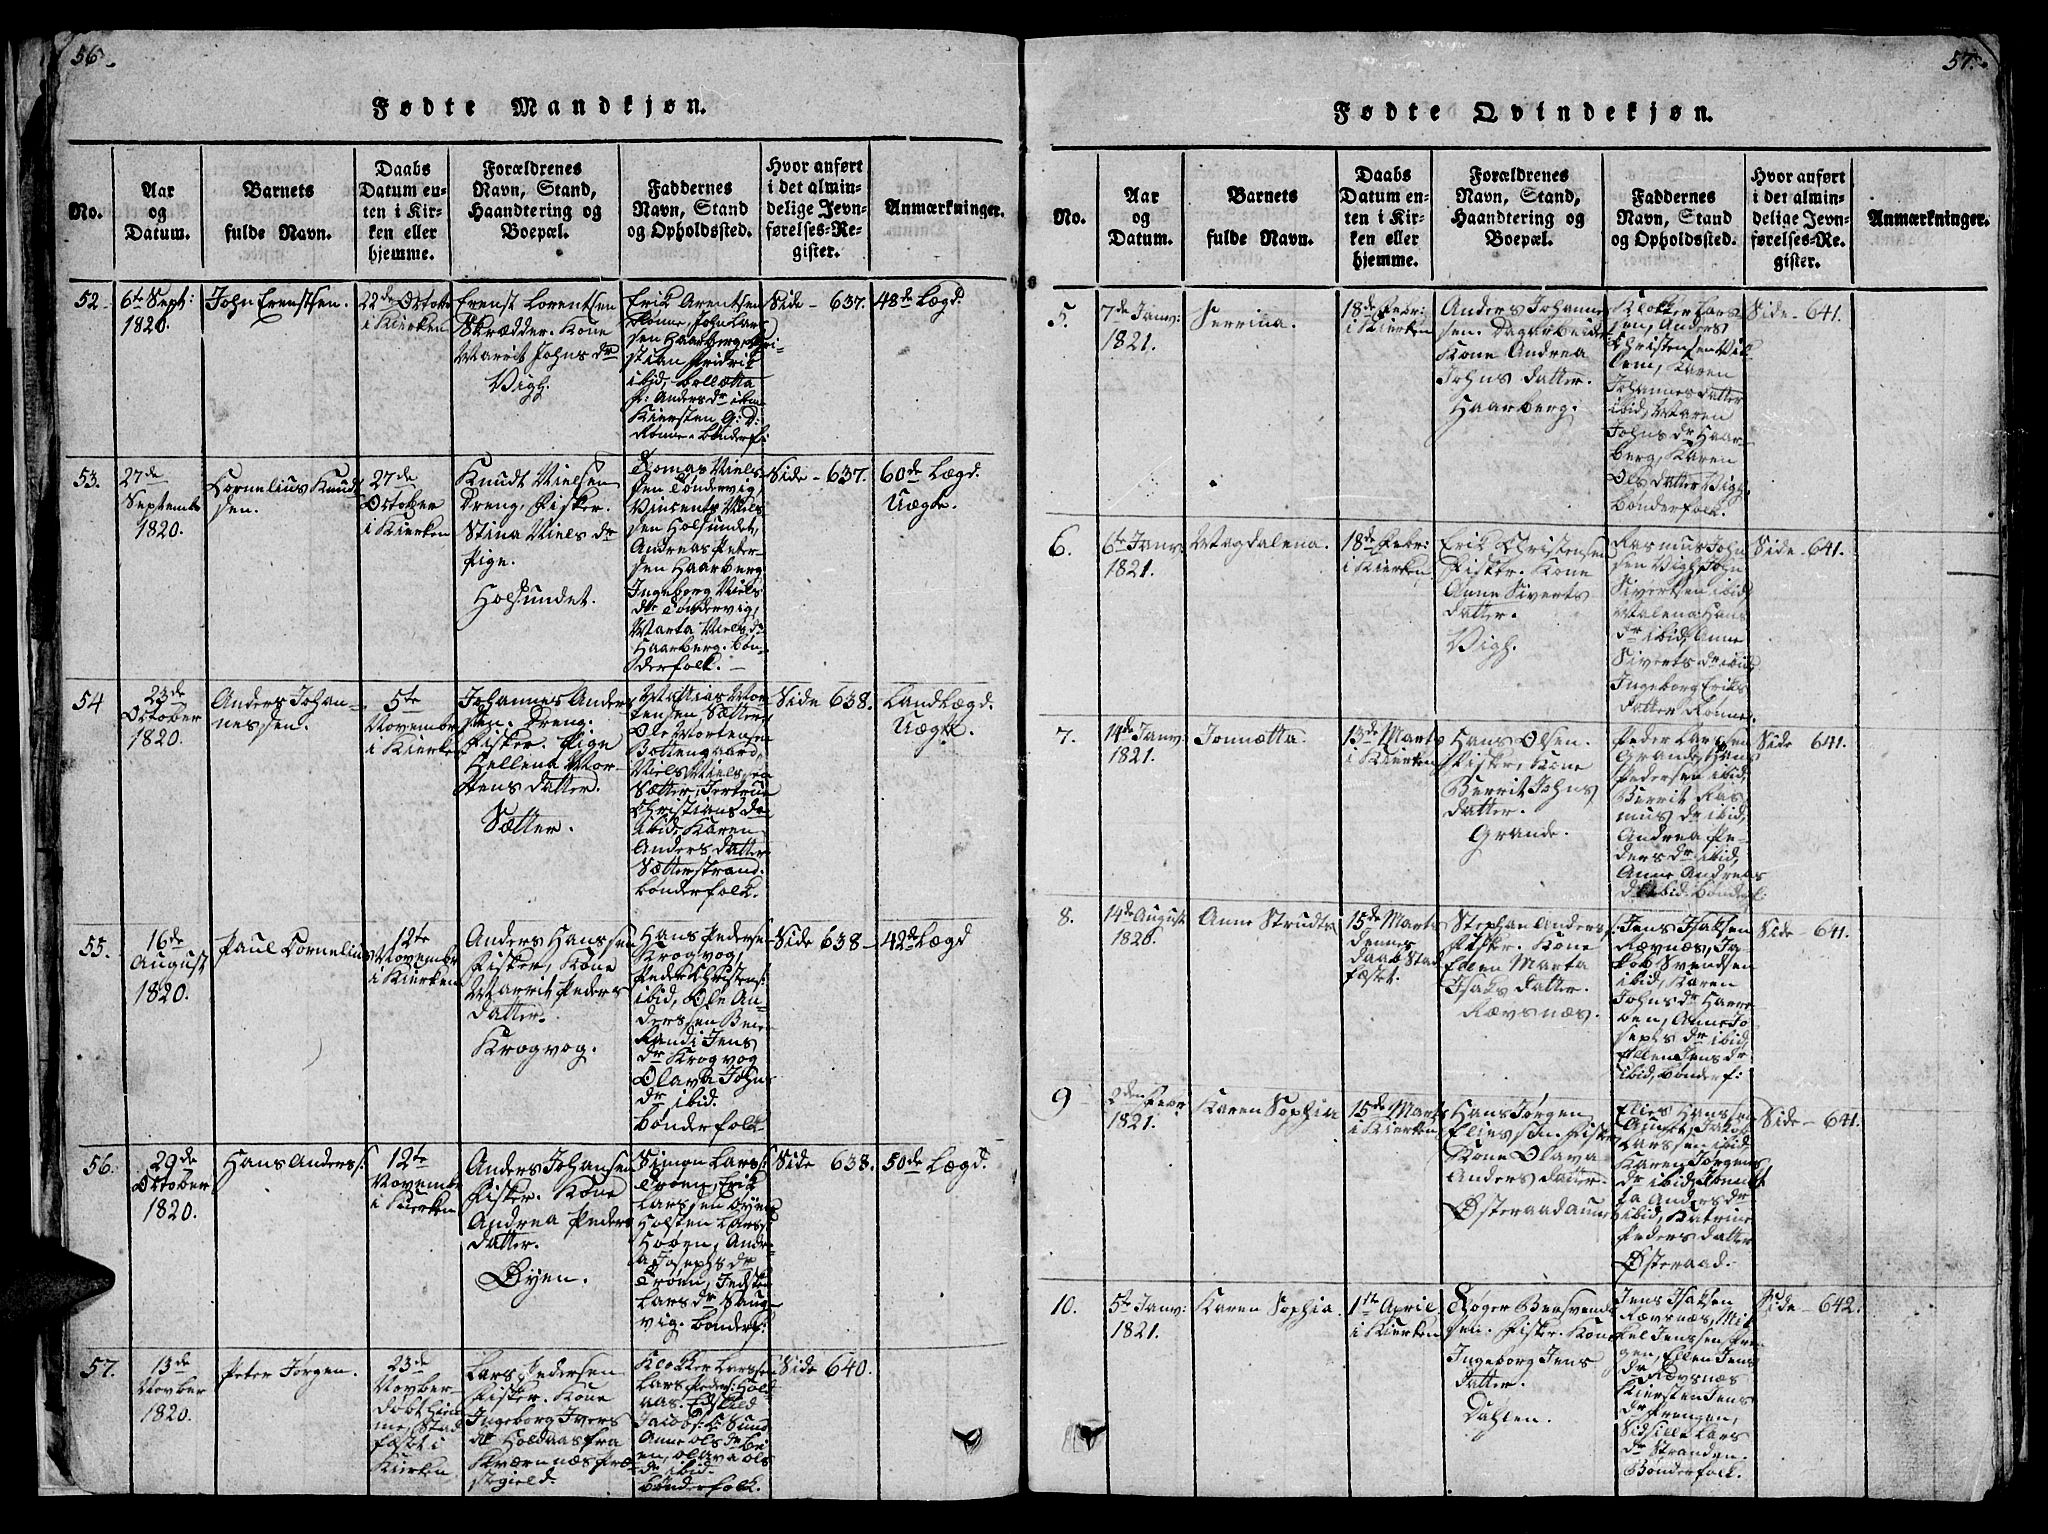 SAT, Ministerialprotokoller, klokkerbøker og fødselsregistre - Sør-Trøndelag, 659/L0744: Klokkerbok nr. 659C01, 1818-1825, s. 56-57